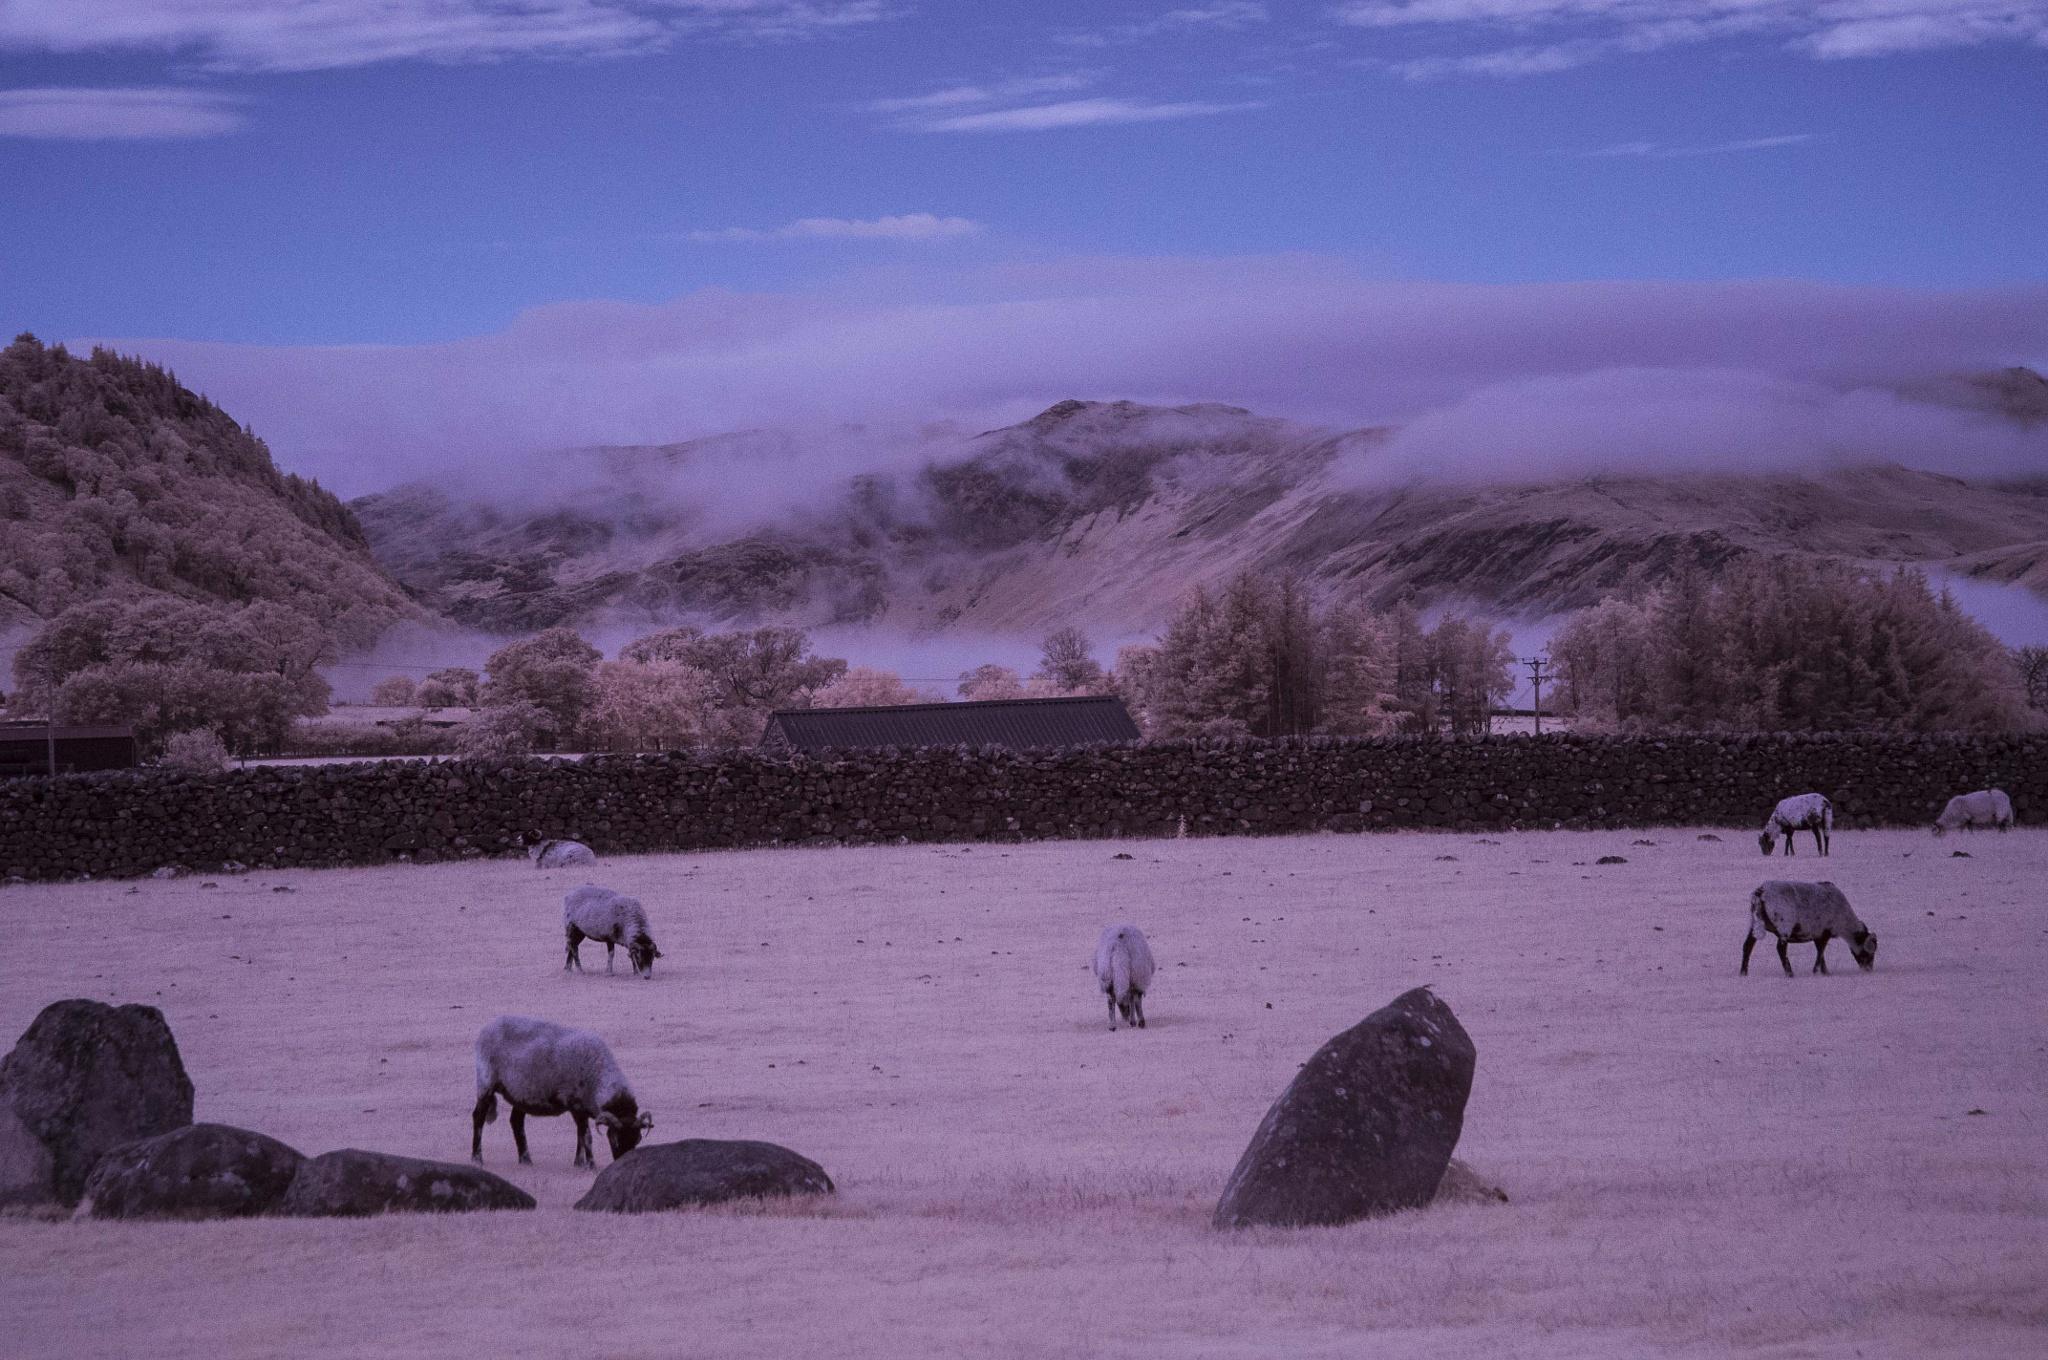 Castlerigg Mist by trevor keville